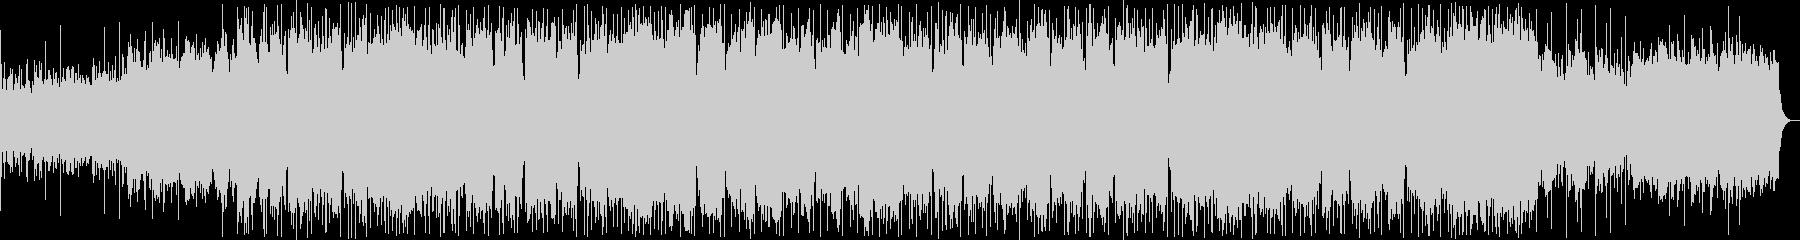 和風のシンセサイザーサウンドの未再生の波形